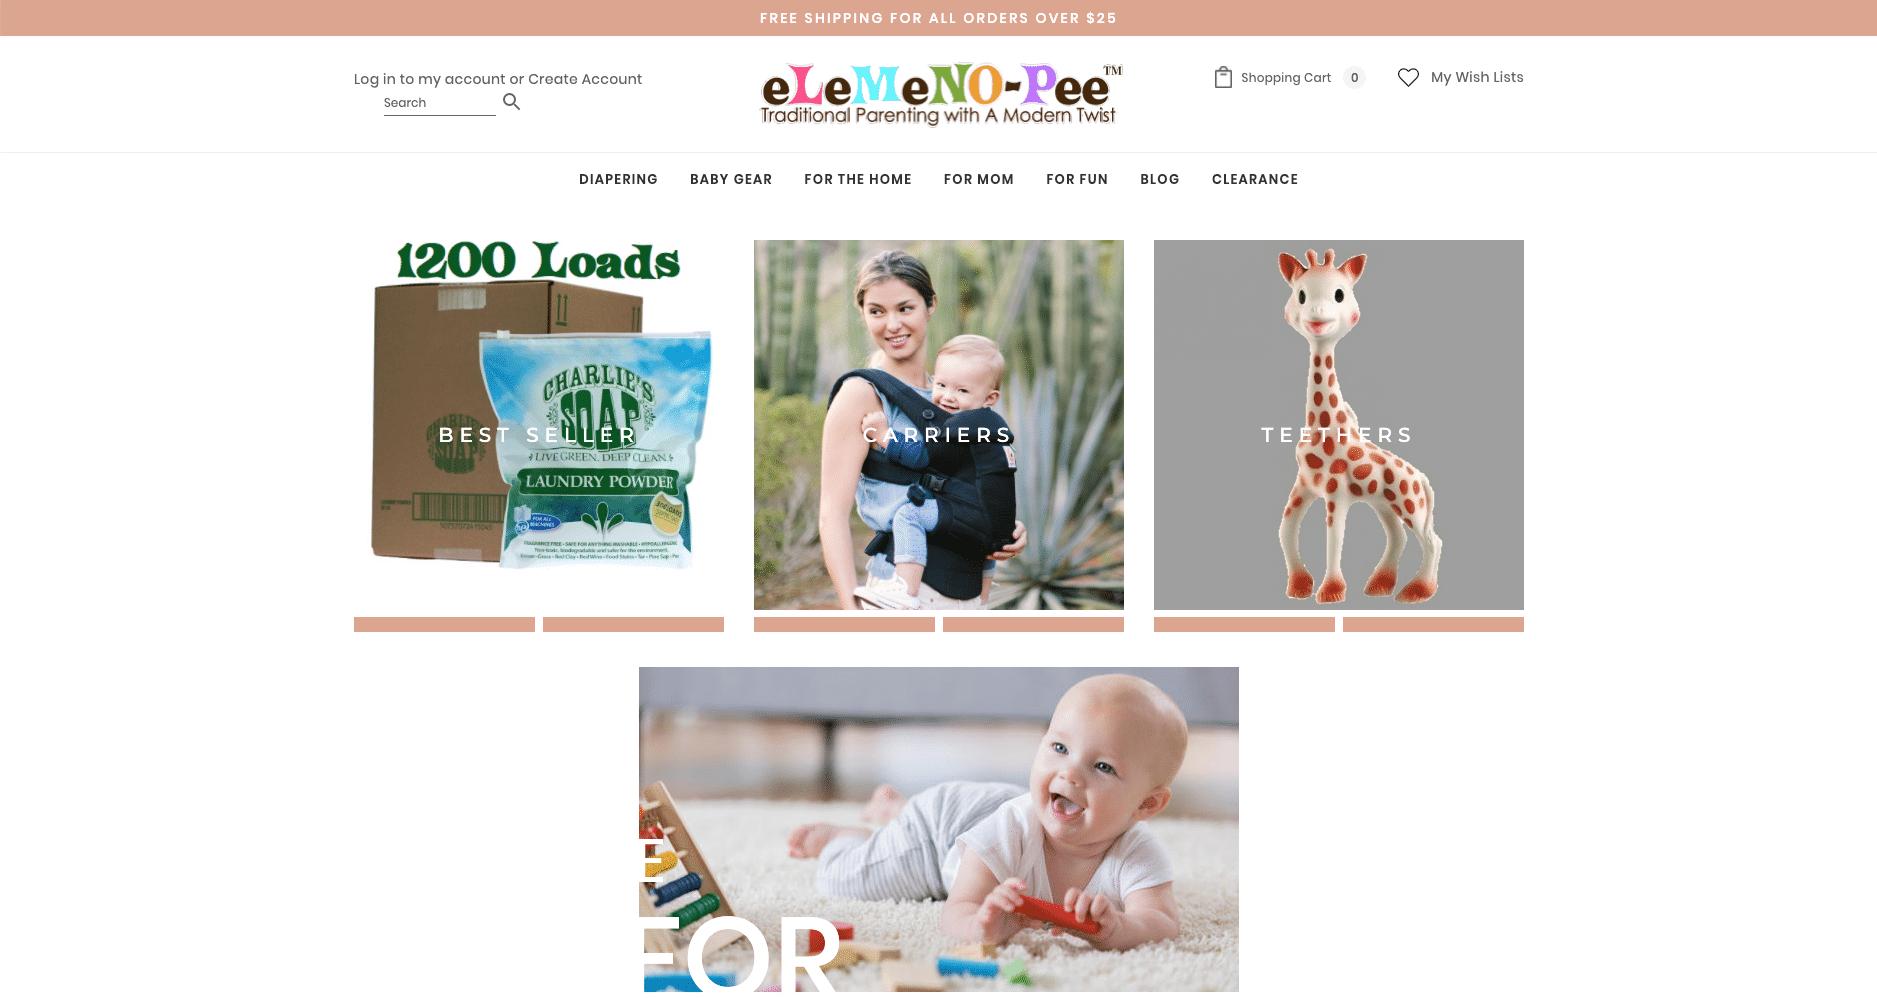 eLeMeNO-Pee, moderna föräldraskapsprodukter